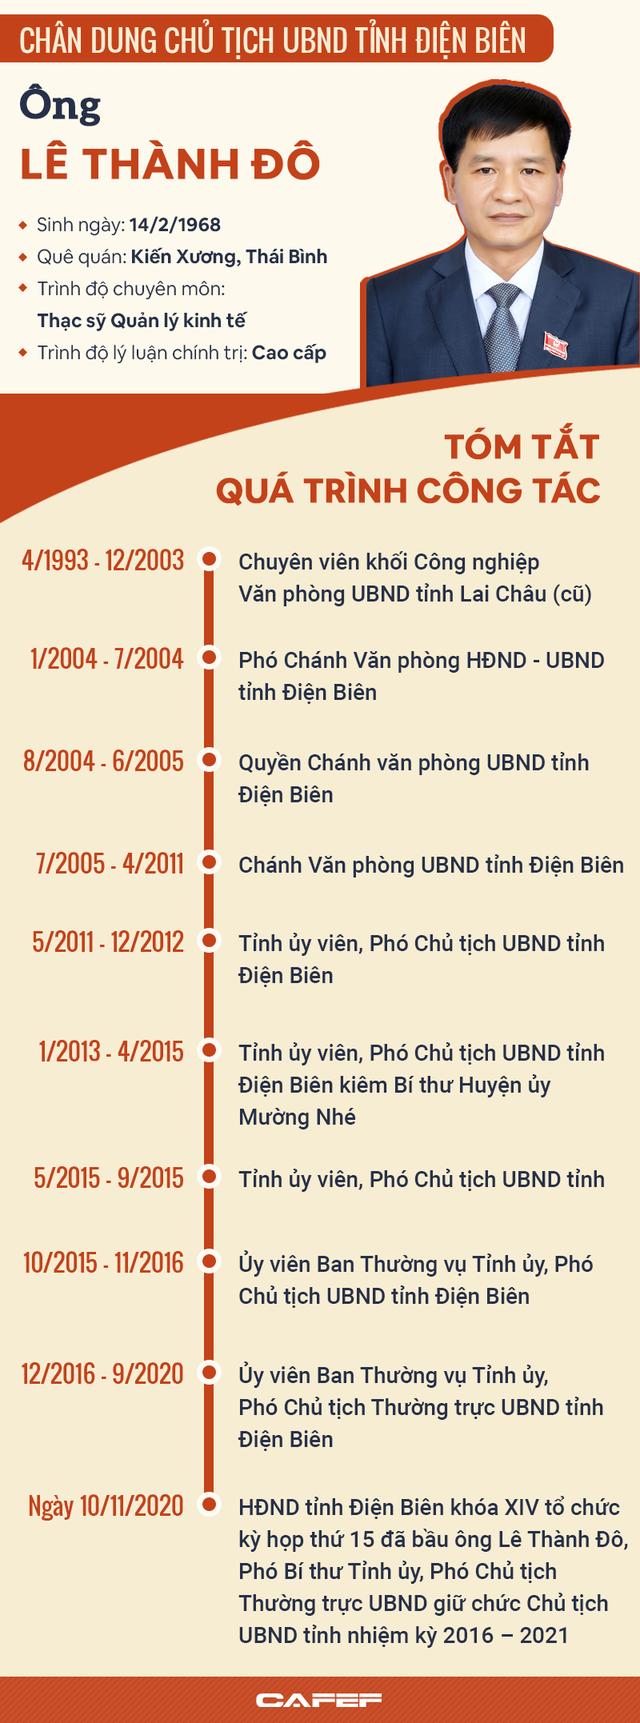 Chân dung Chủ tịch UBND tỉnh Điện Biên Lê Thành Đô   - Ảnh 1.